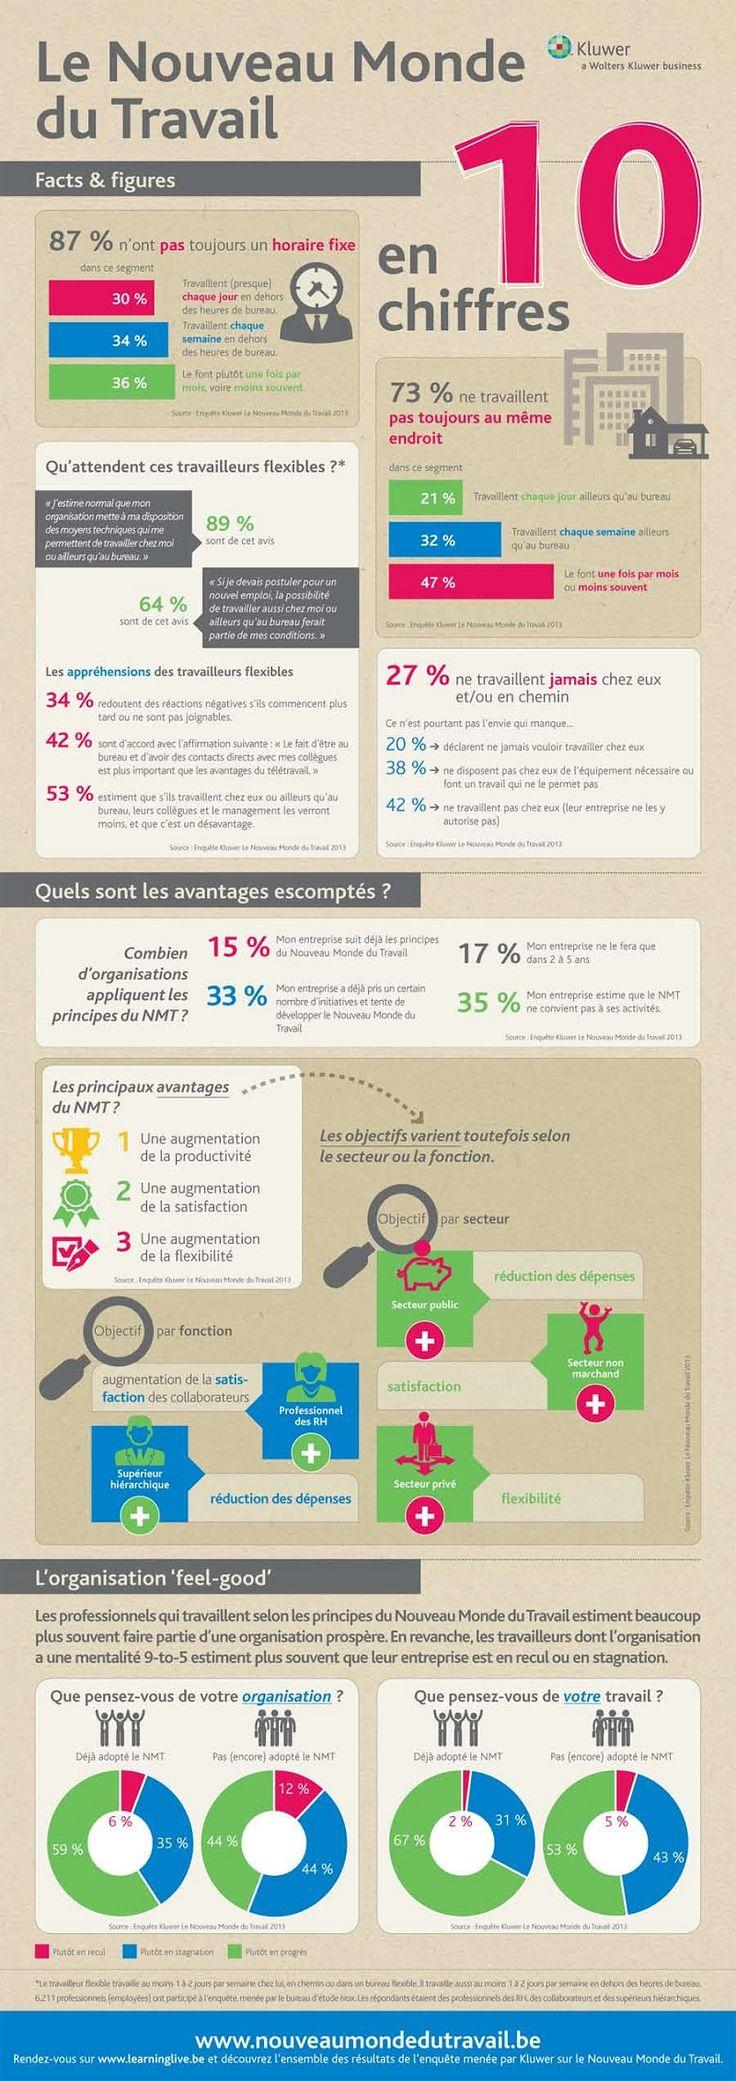 10 chiffres sur le nouveau monde du travail, celui de demain #générationZ #generationZ #GenZ via http://generation-z.fr/generation-z-revue-presse-22-sept/